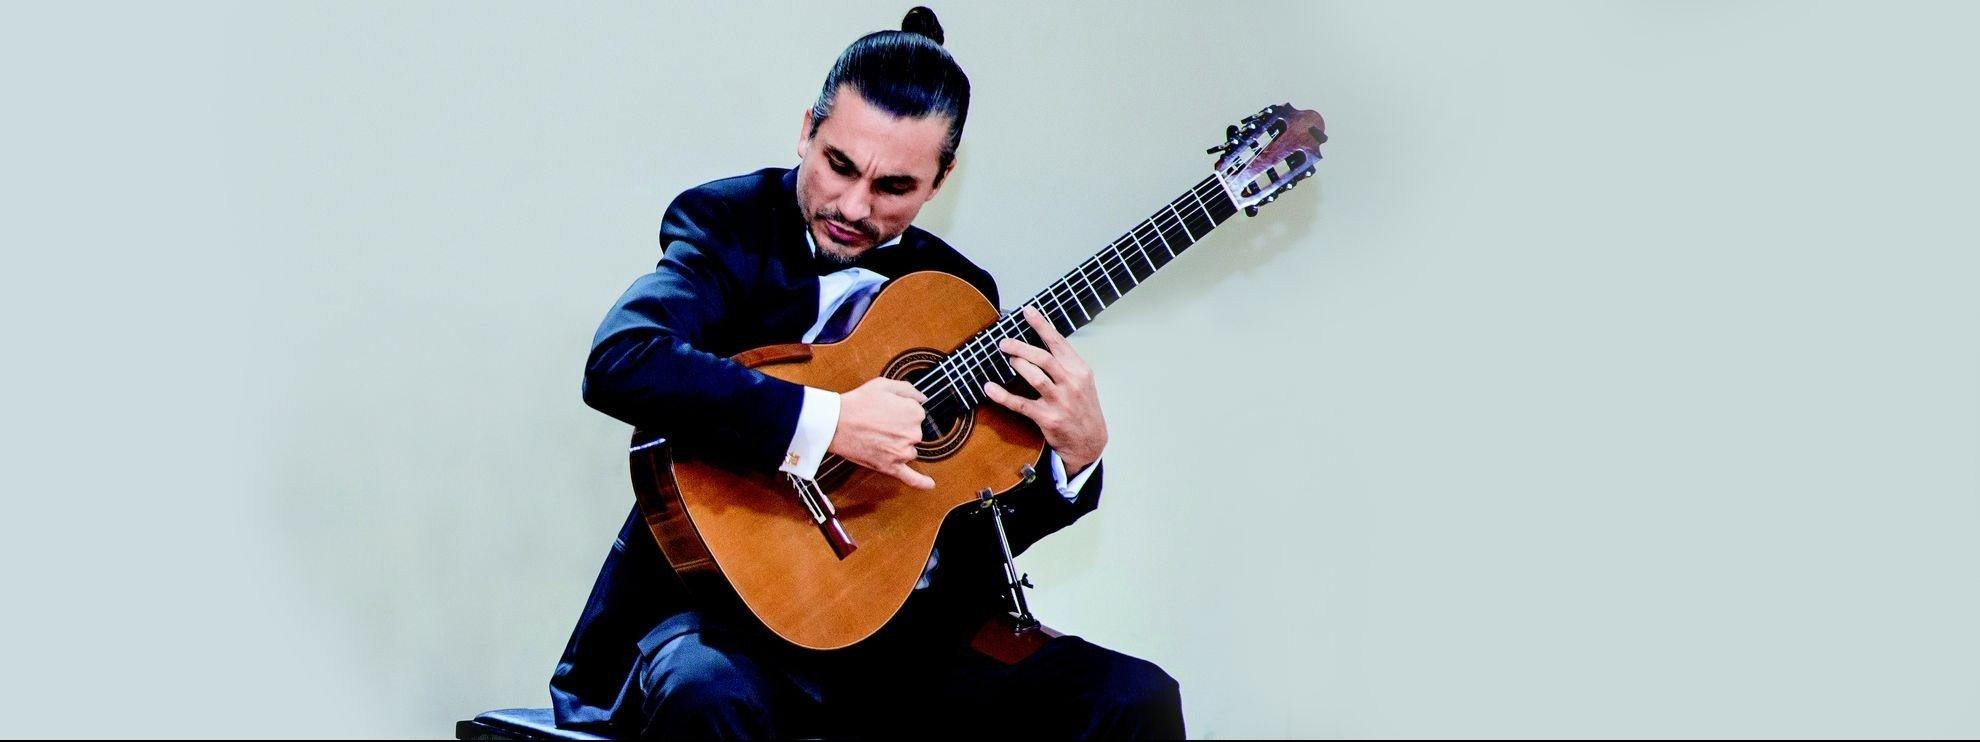 событие ARTYOM DERVOED (Артем Дервоед) «Capriccio diabolico» Посвящение Никколо Паганини